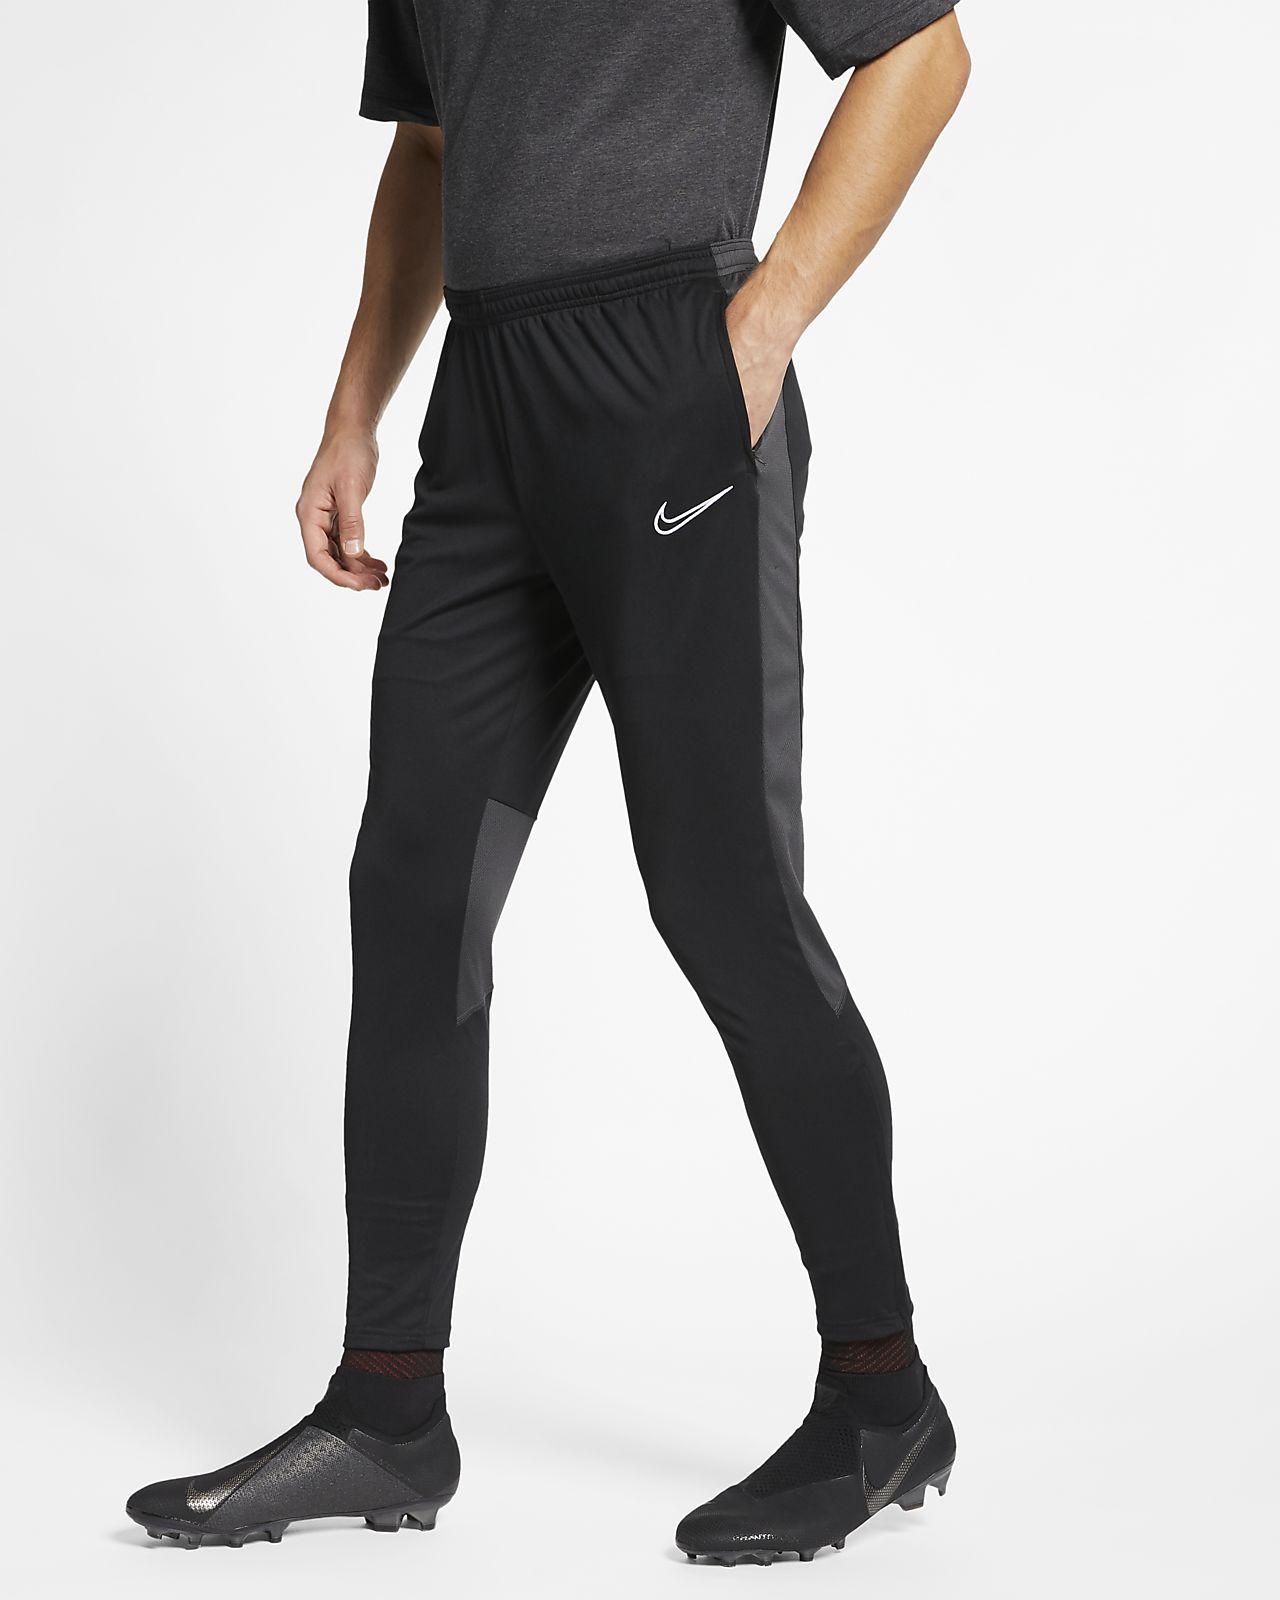 Męskie spodnie piłkarskie Nike Dri-FIT Academy